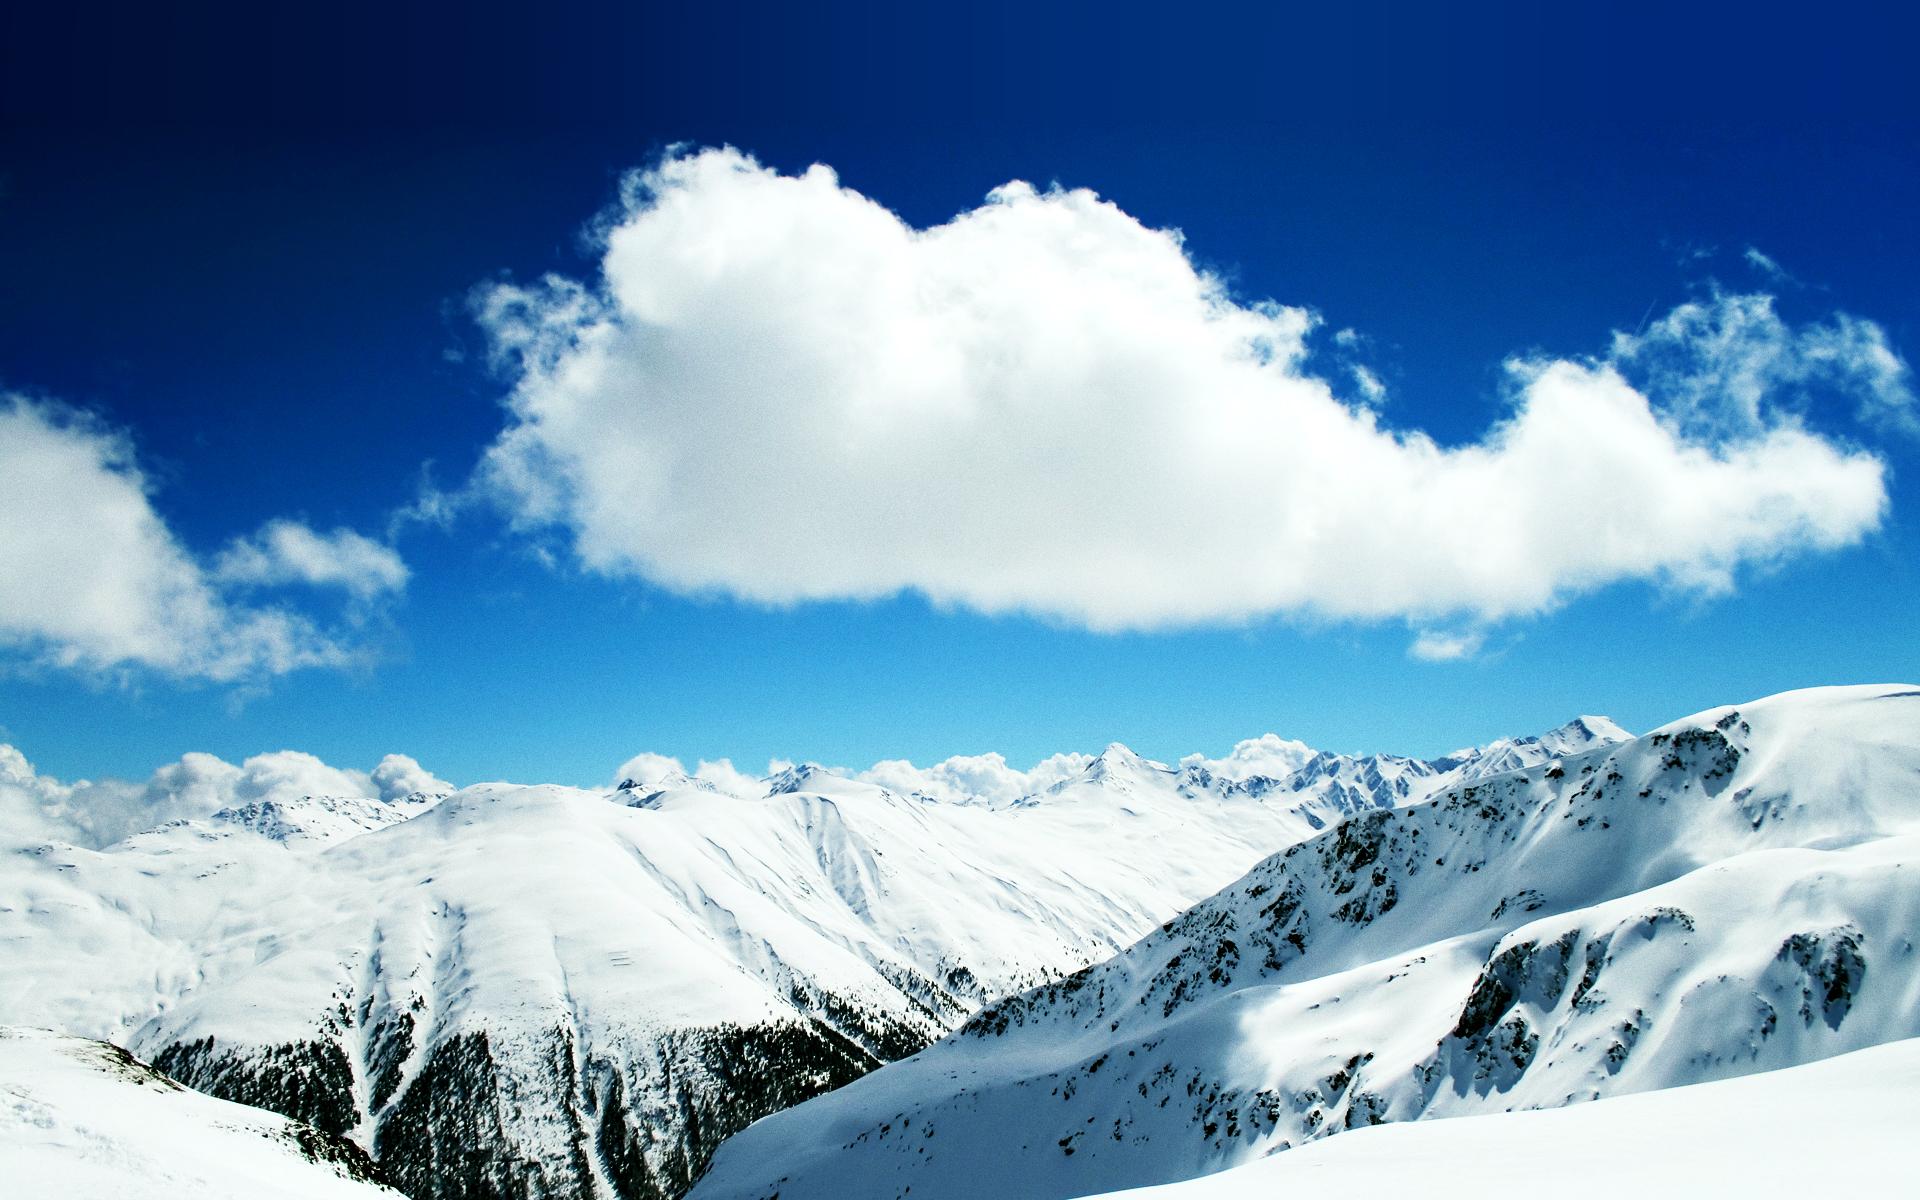 Winter Snow Mountains hdwallpapersin 1920x1200